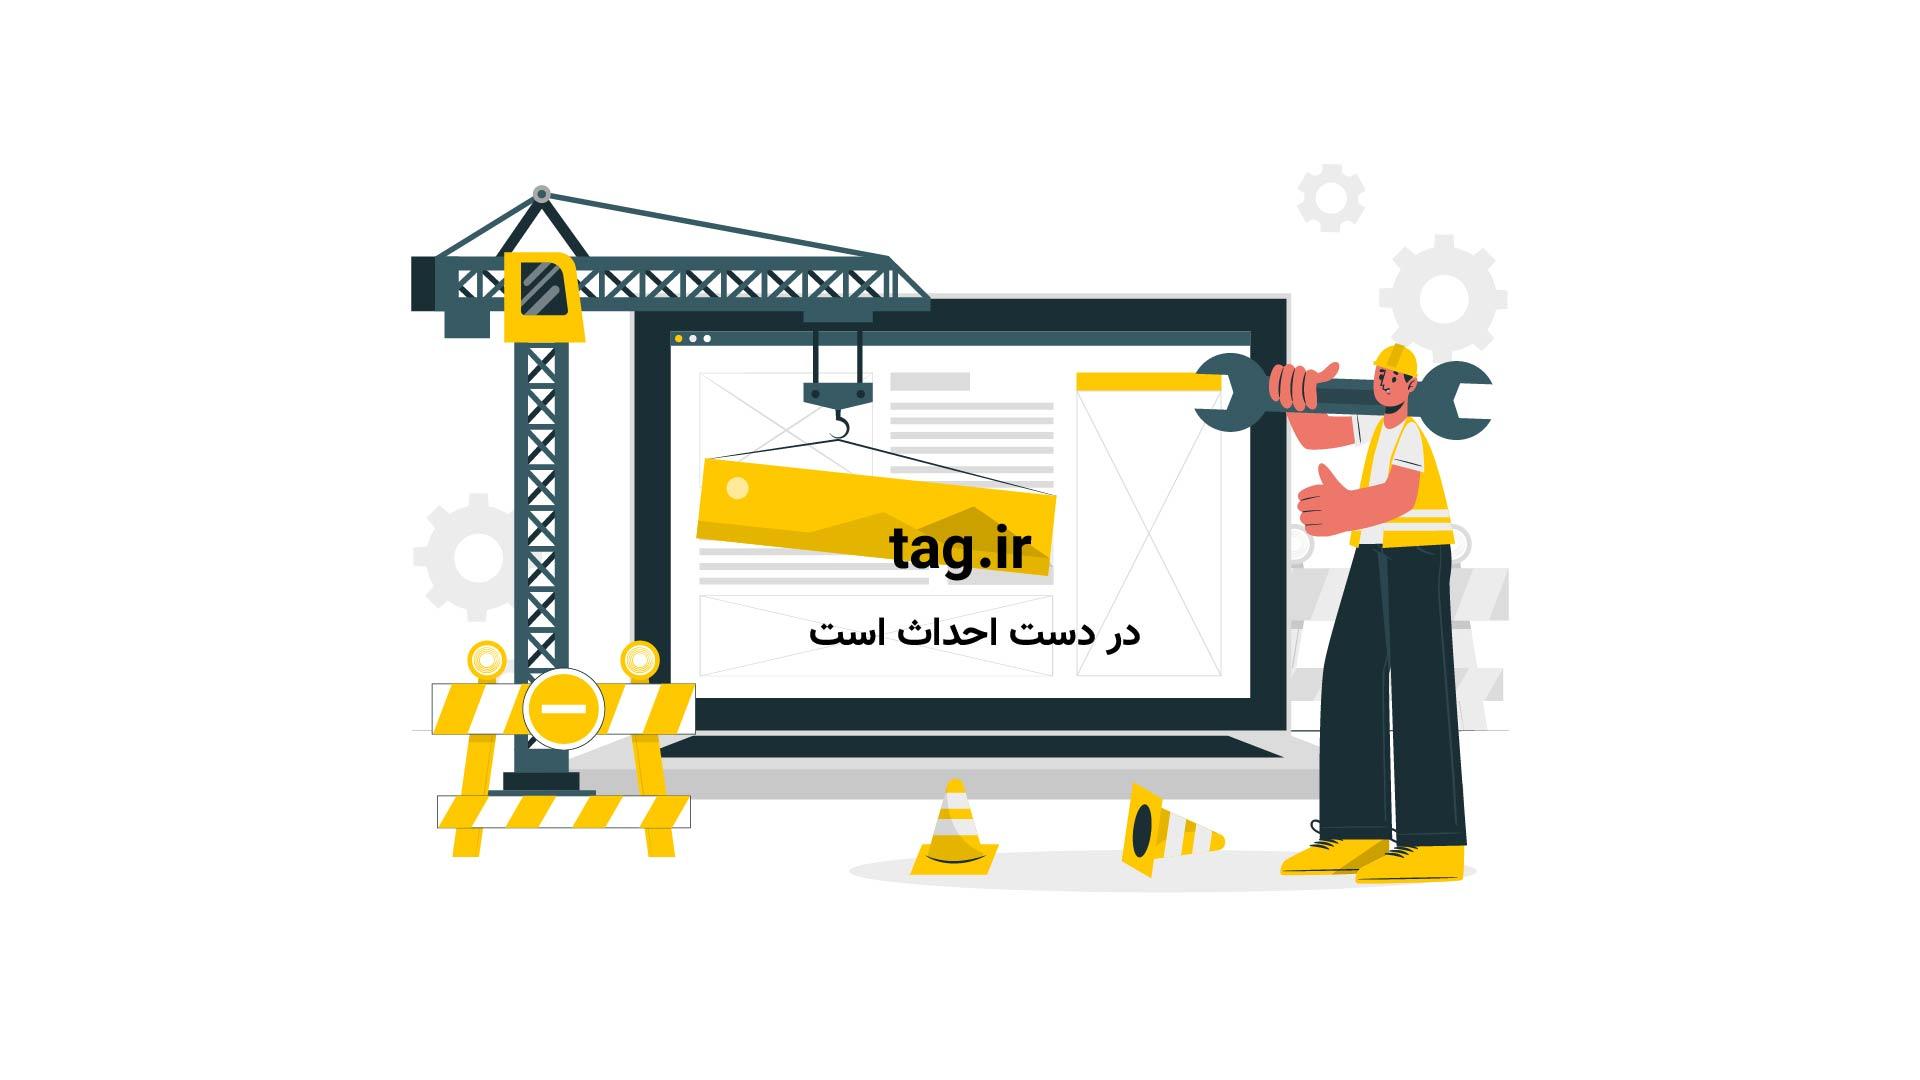 عناوین روزنامه های ورزشی یکشنبه 1 مرداد | فیلم